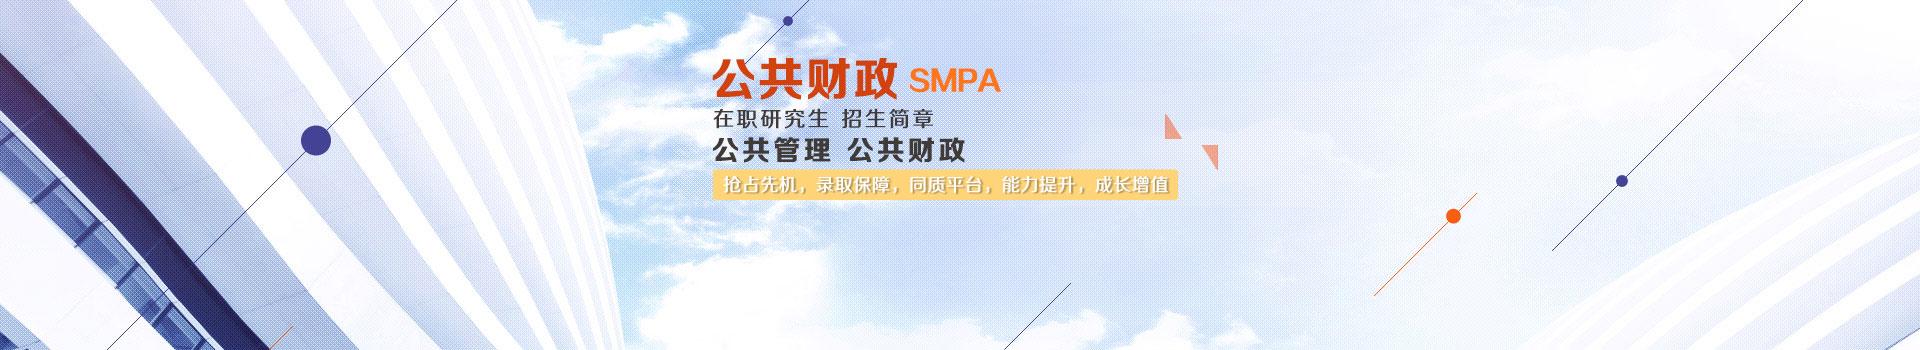 中国社会科学院研究生院SMPA(公共财政)在职研究生招生简章